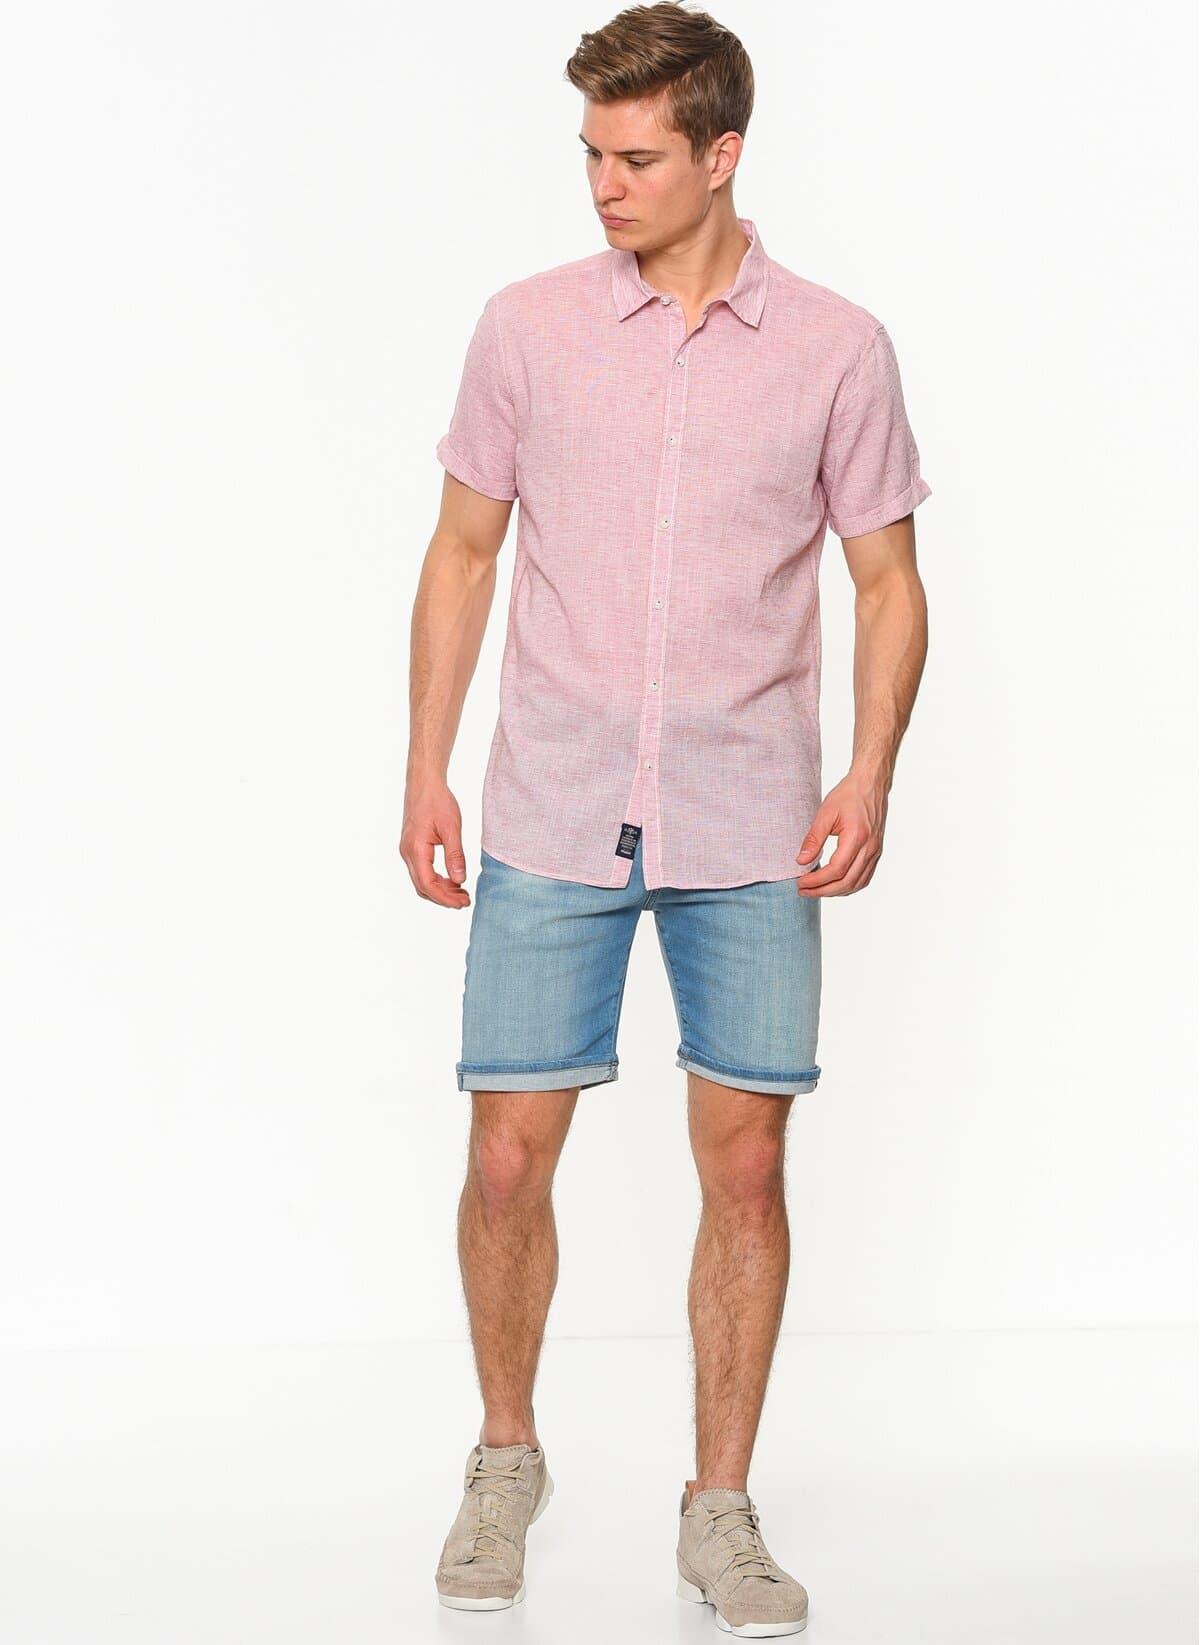 Mavi Jeans Erkek Kısa Kollu Pembe Gömlek